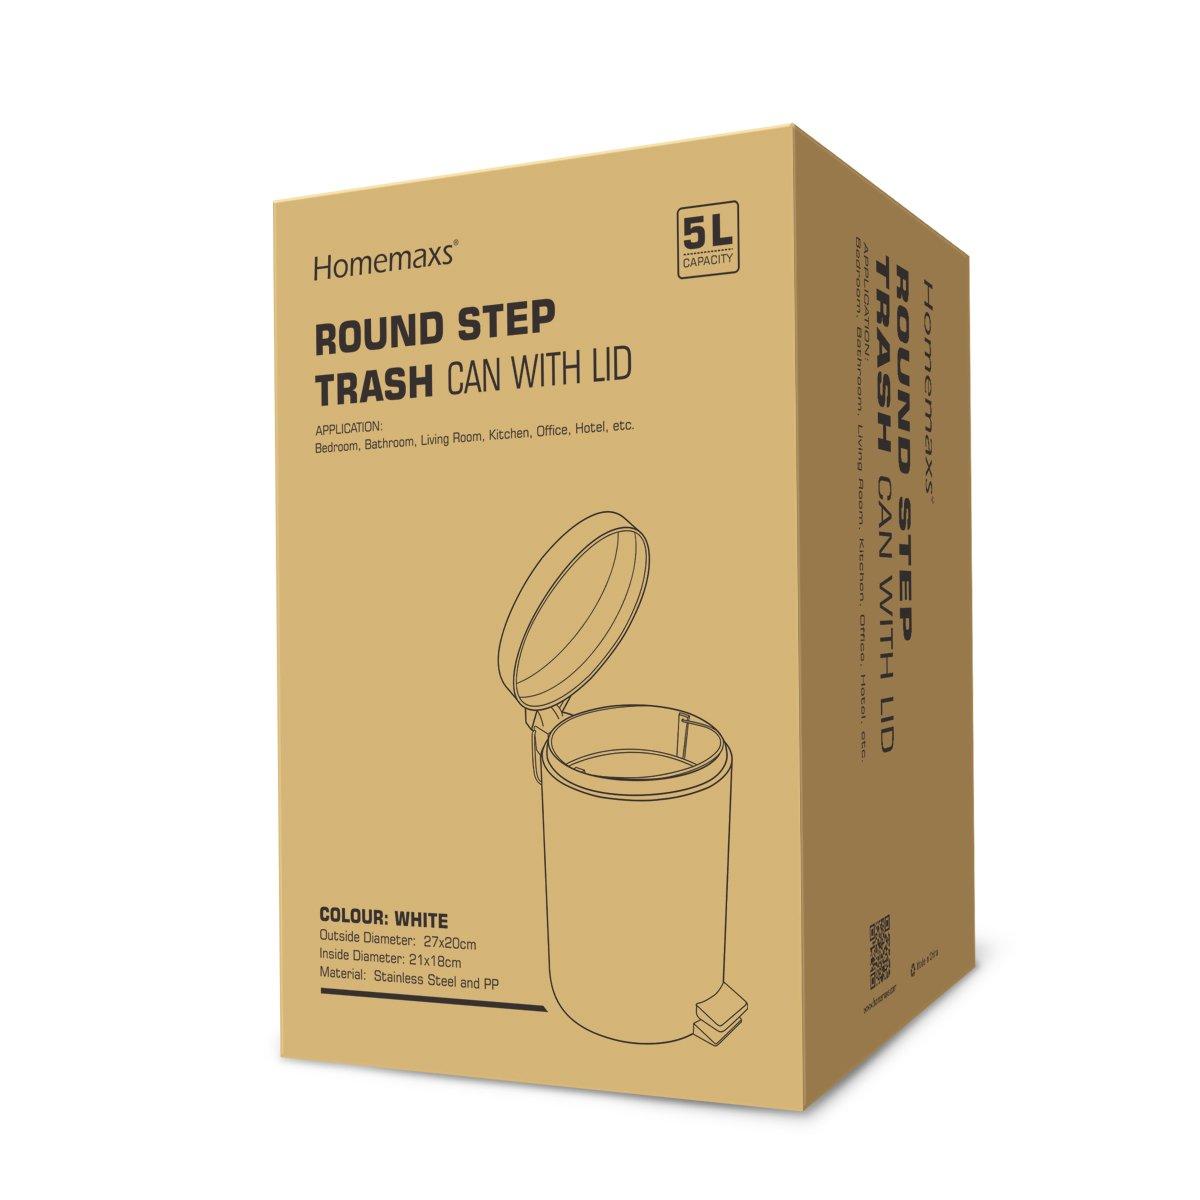 Modernes Toilettenb/ürsten f/ür die Toilette - Wei/ß WC-Garnitur Klob/ürste mit L/ängere Griff 2er Pack Homemaxs WC-B/ürste und Beh/älter